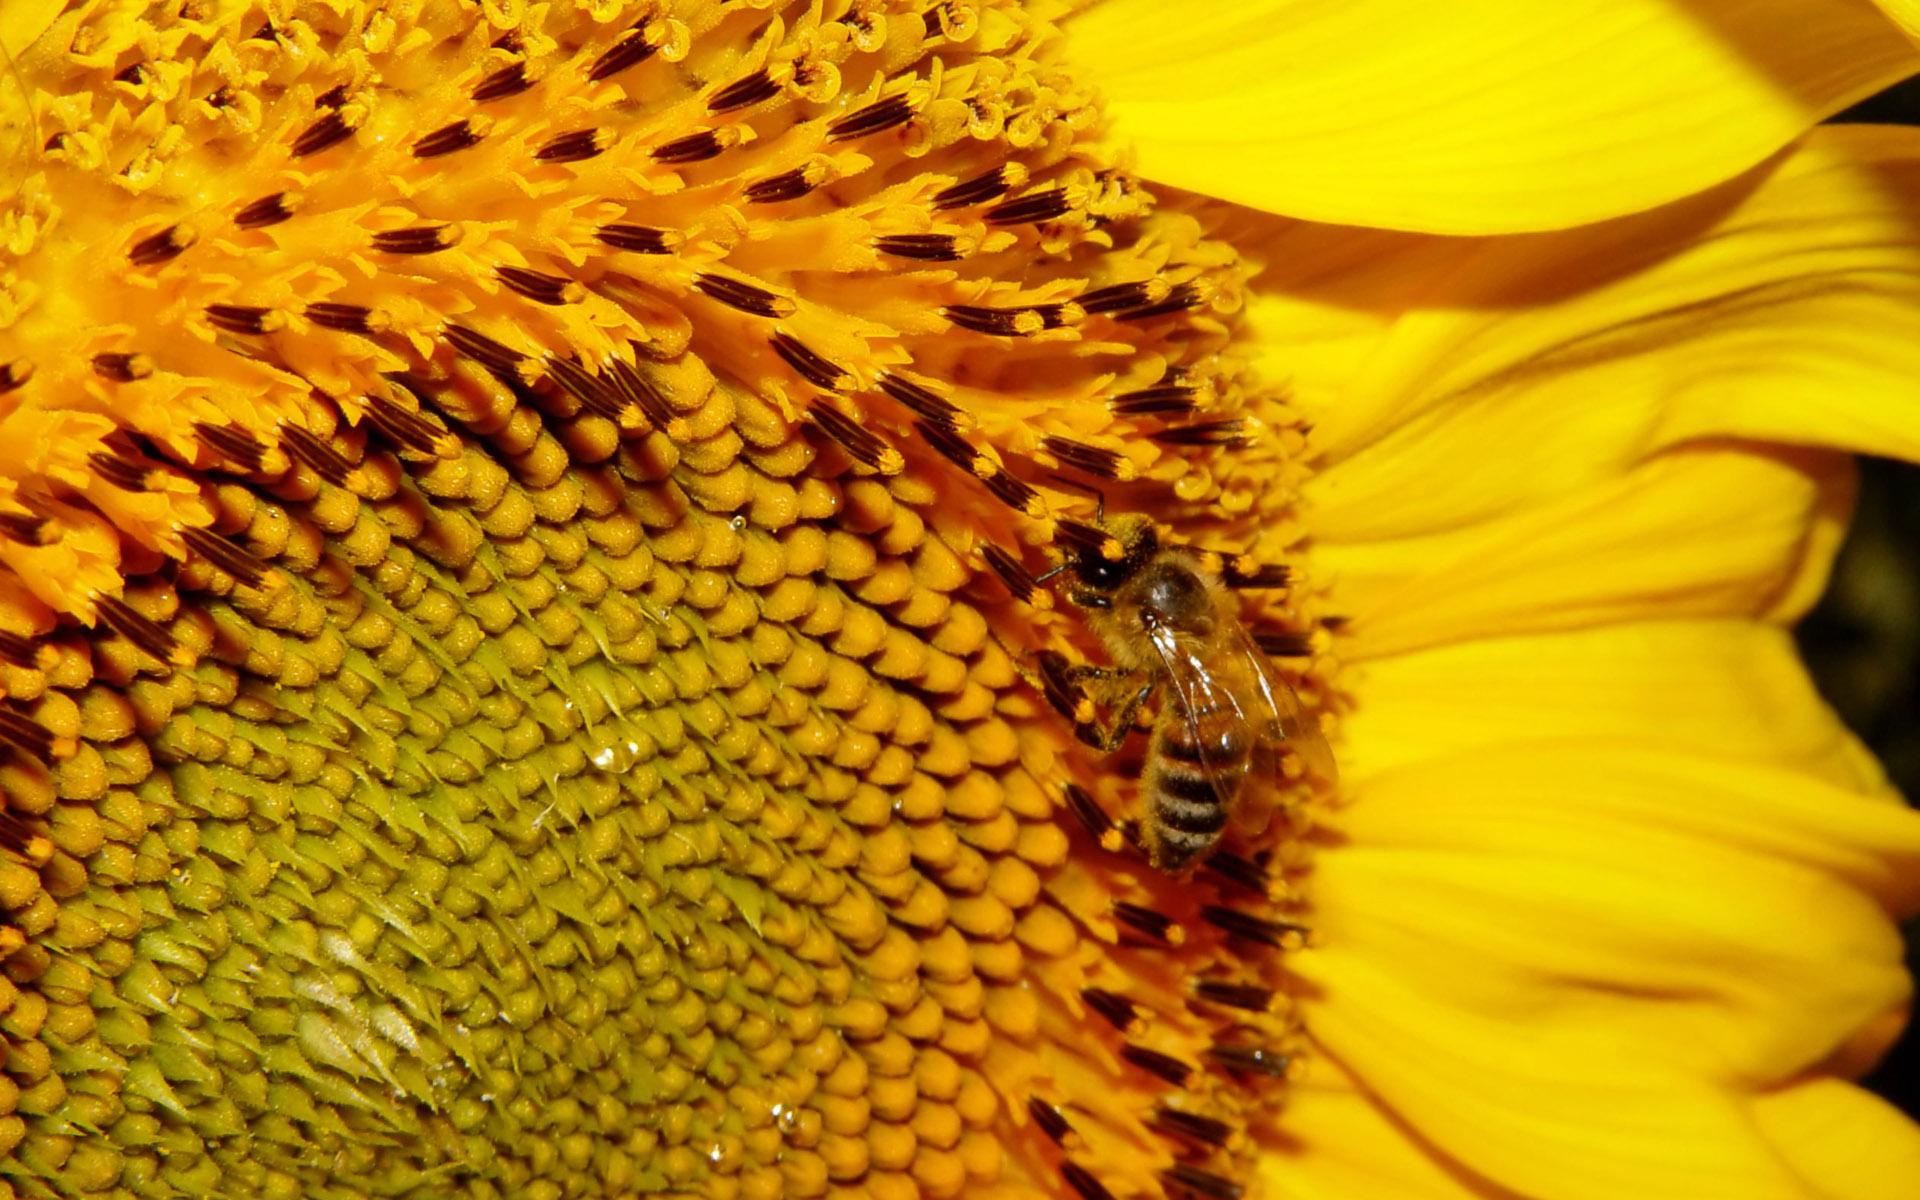 картинки для рабочего стола с пчелами